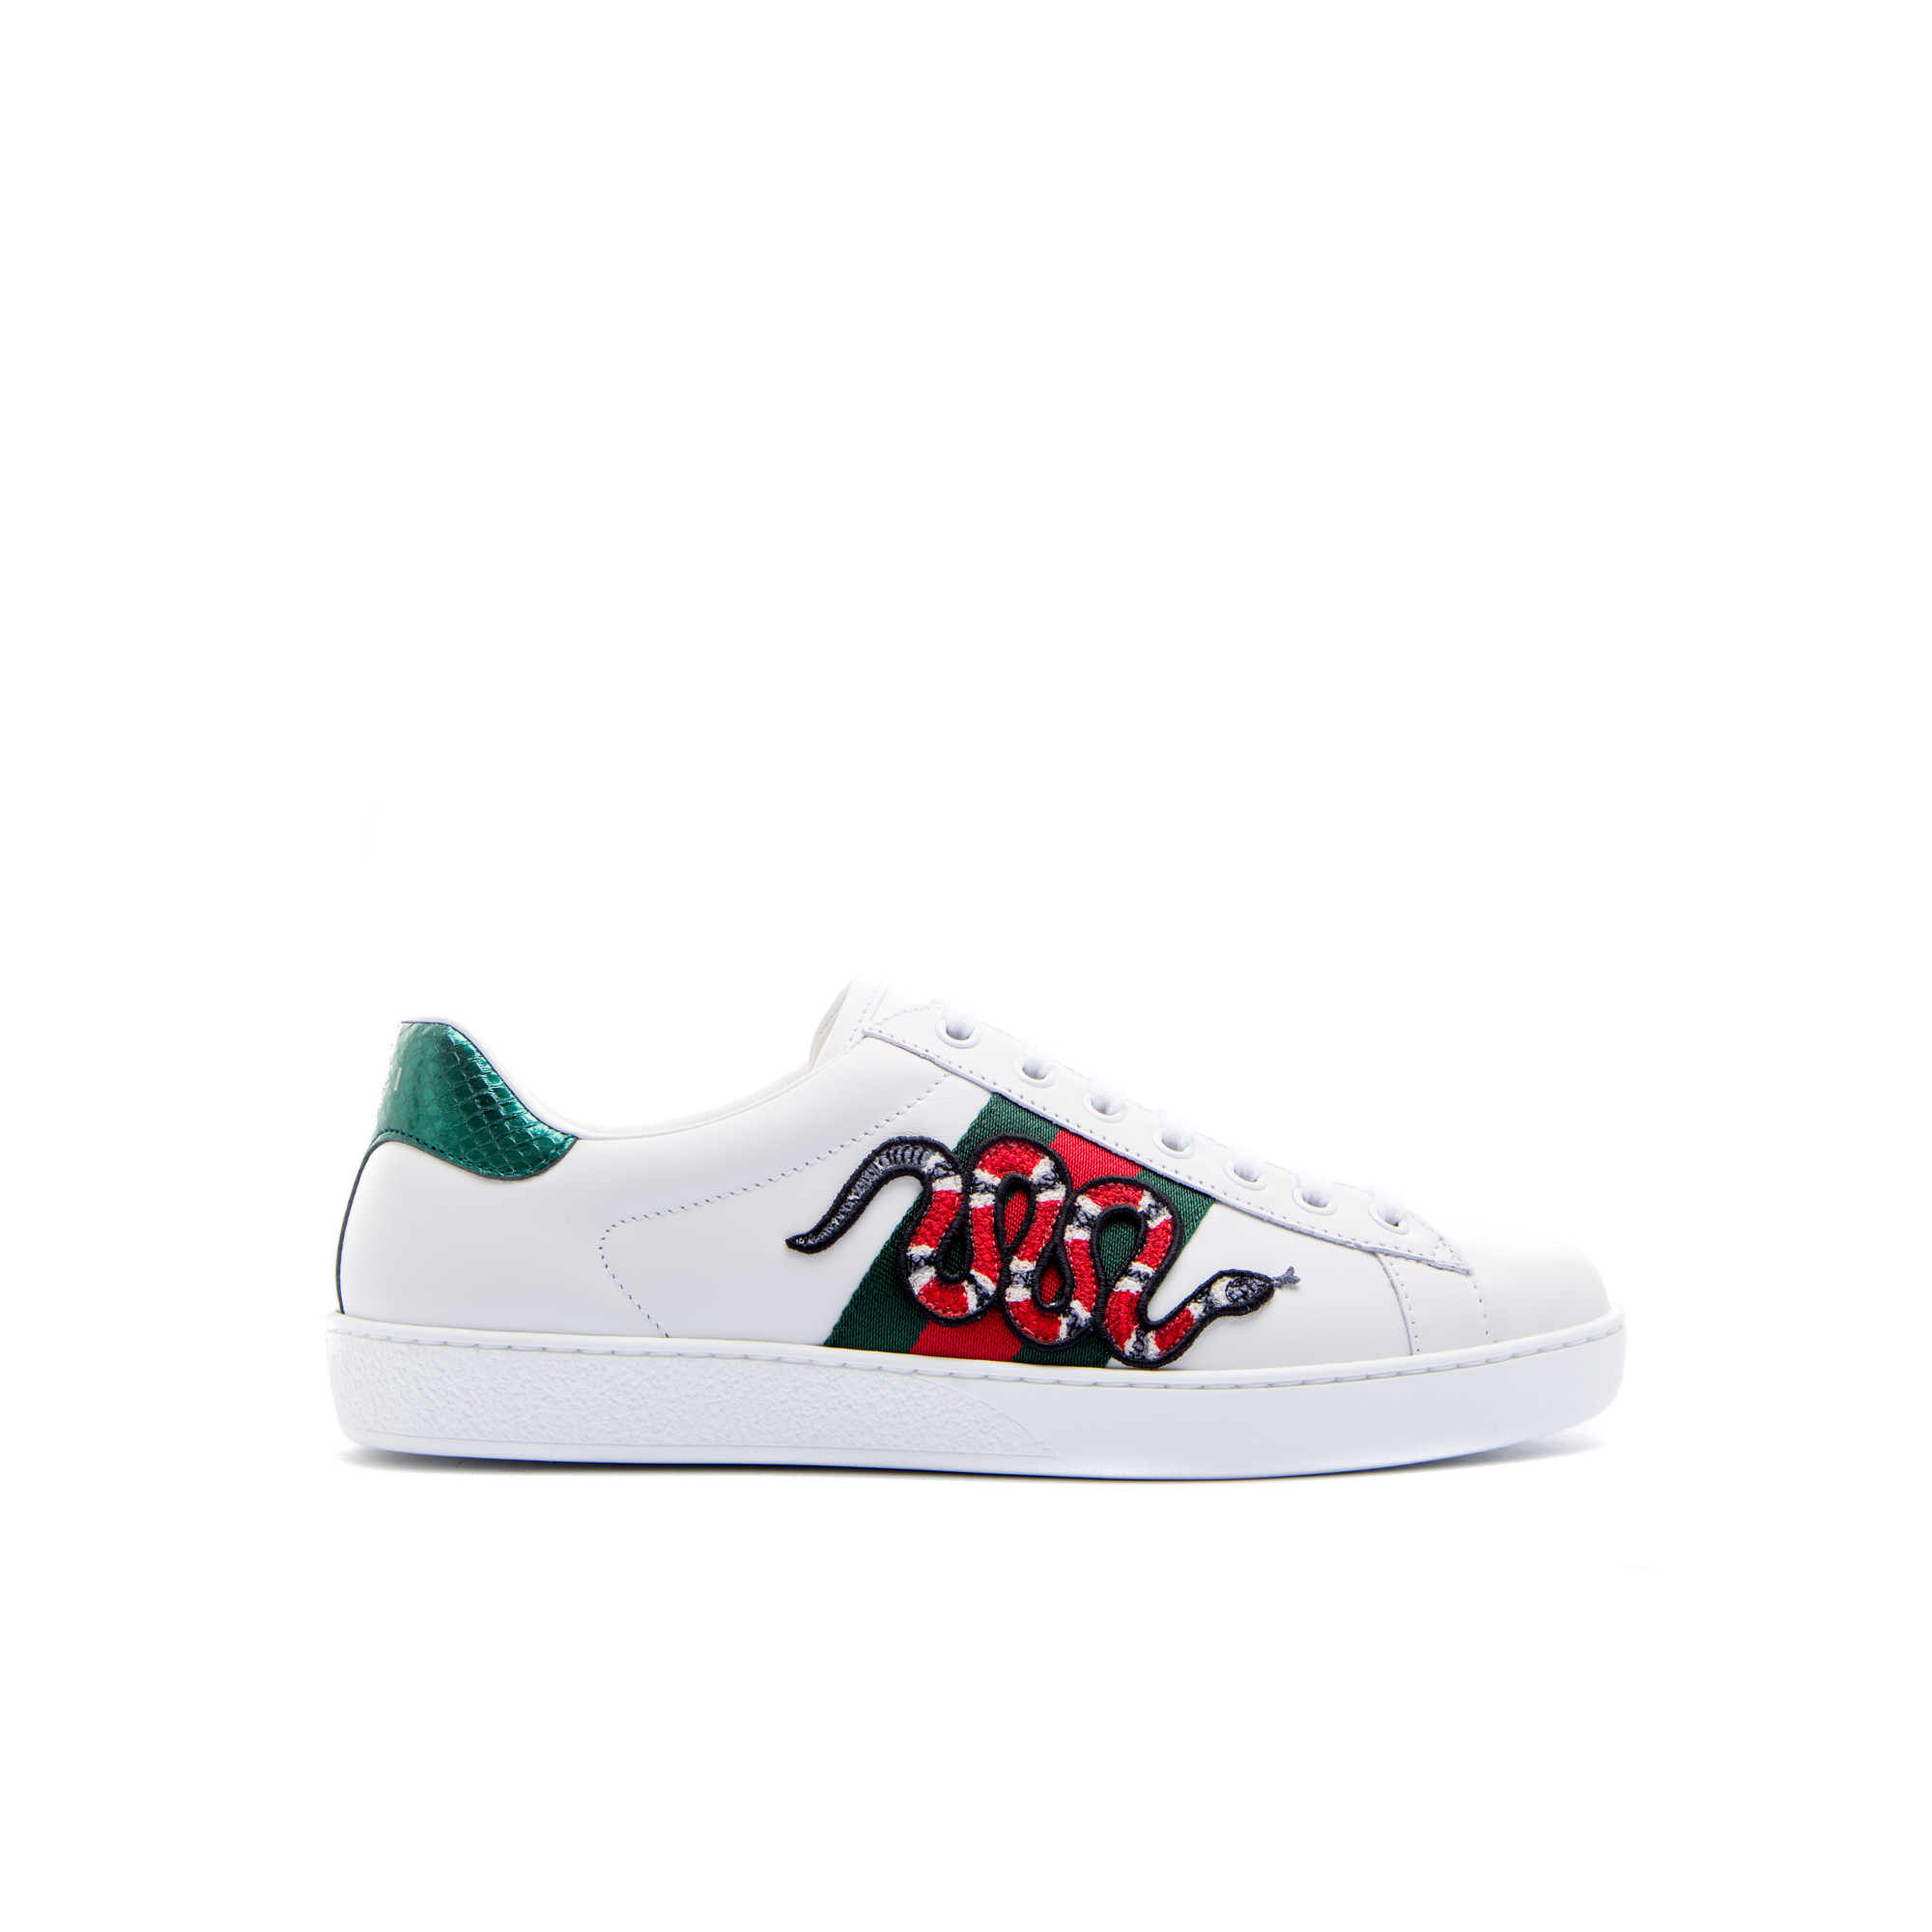 e5a634ec6d8 Gucci sport shoes Gucci sport shoes - www.derodeloper.com - Derodeloper. ...